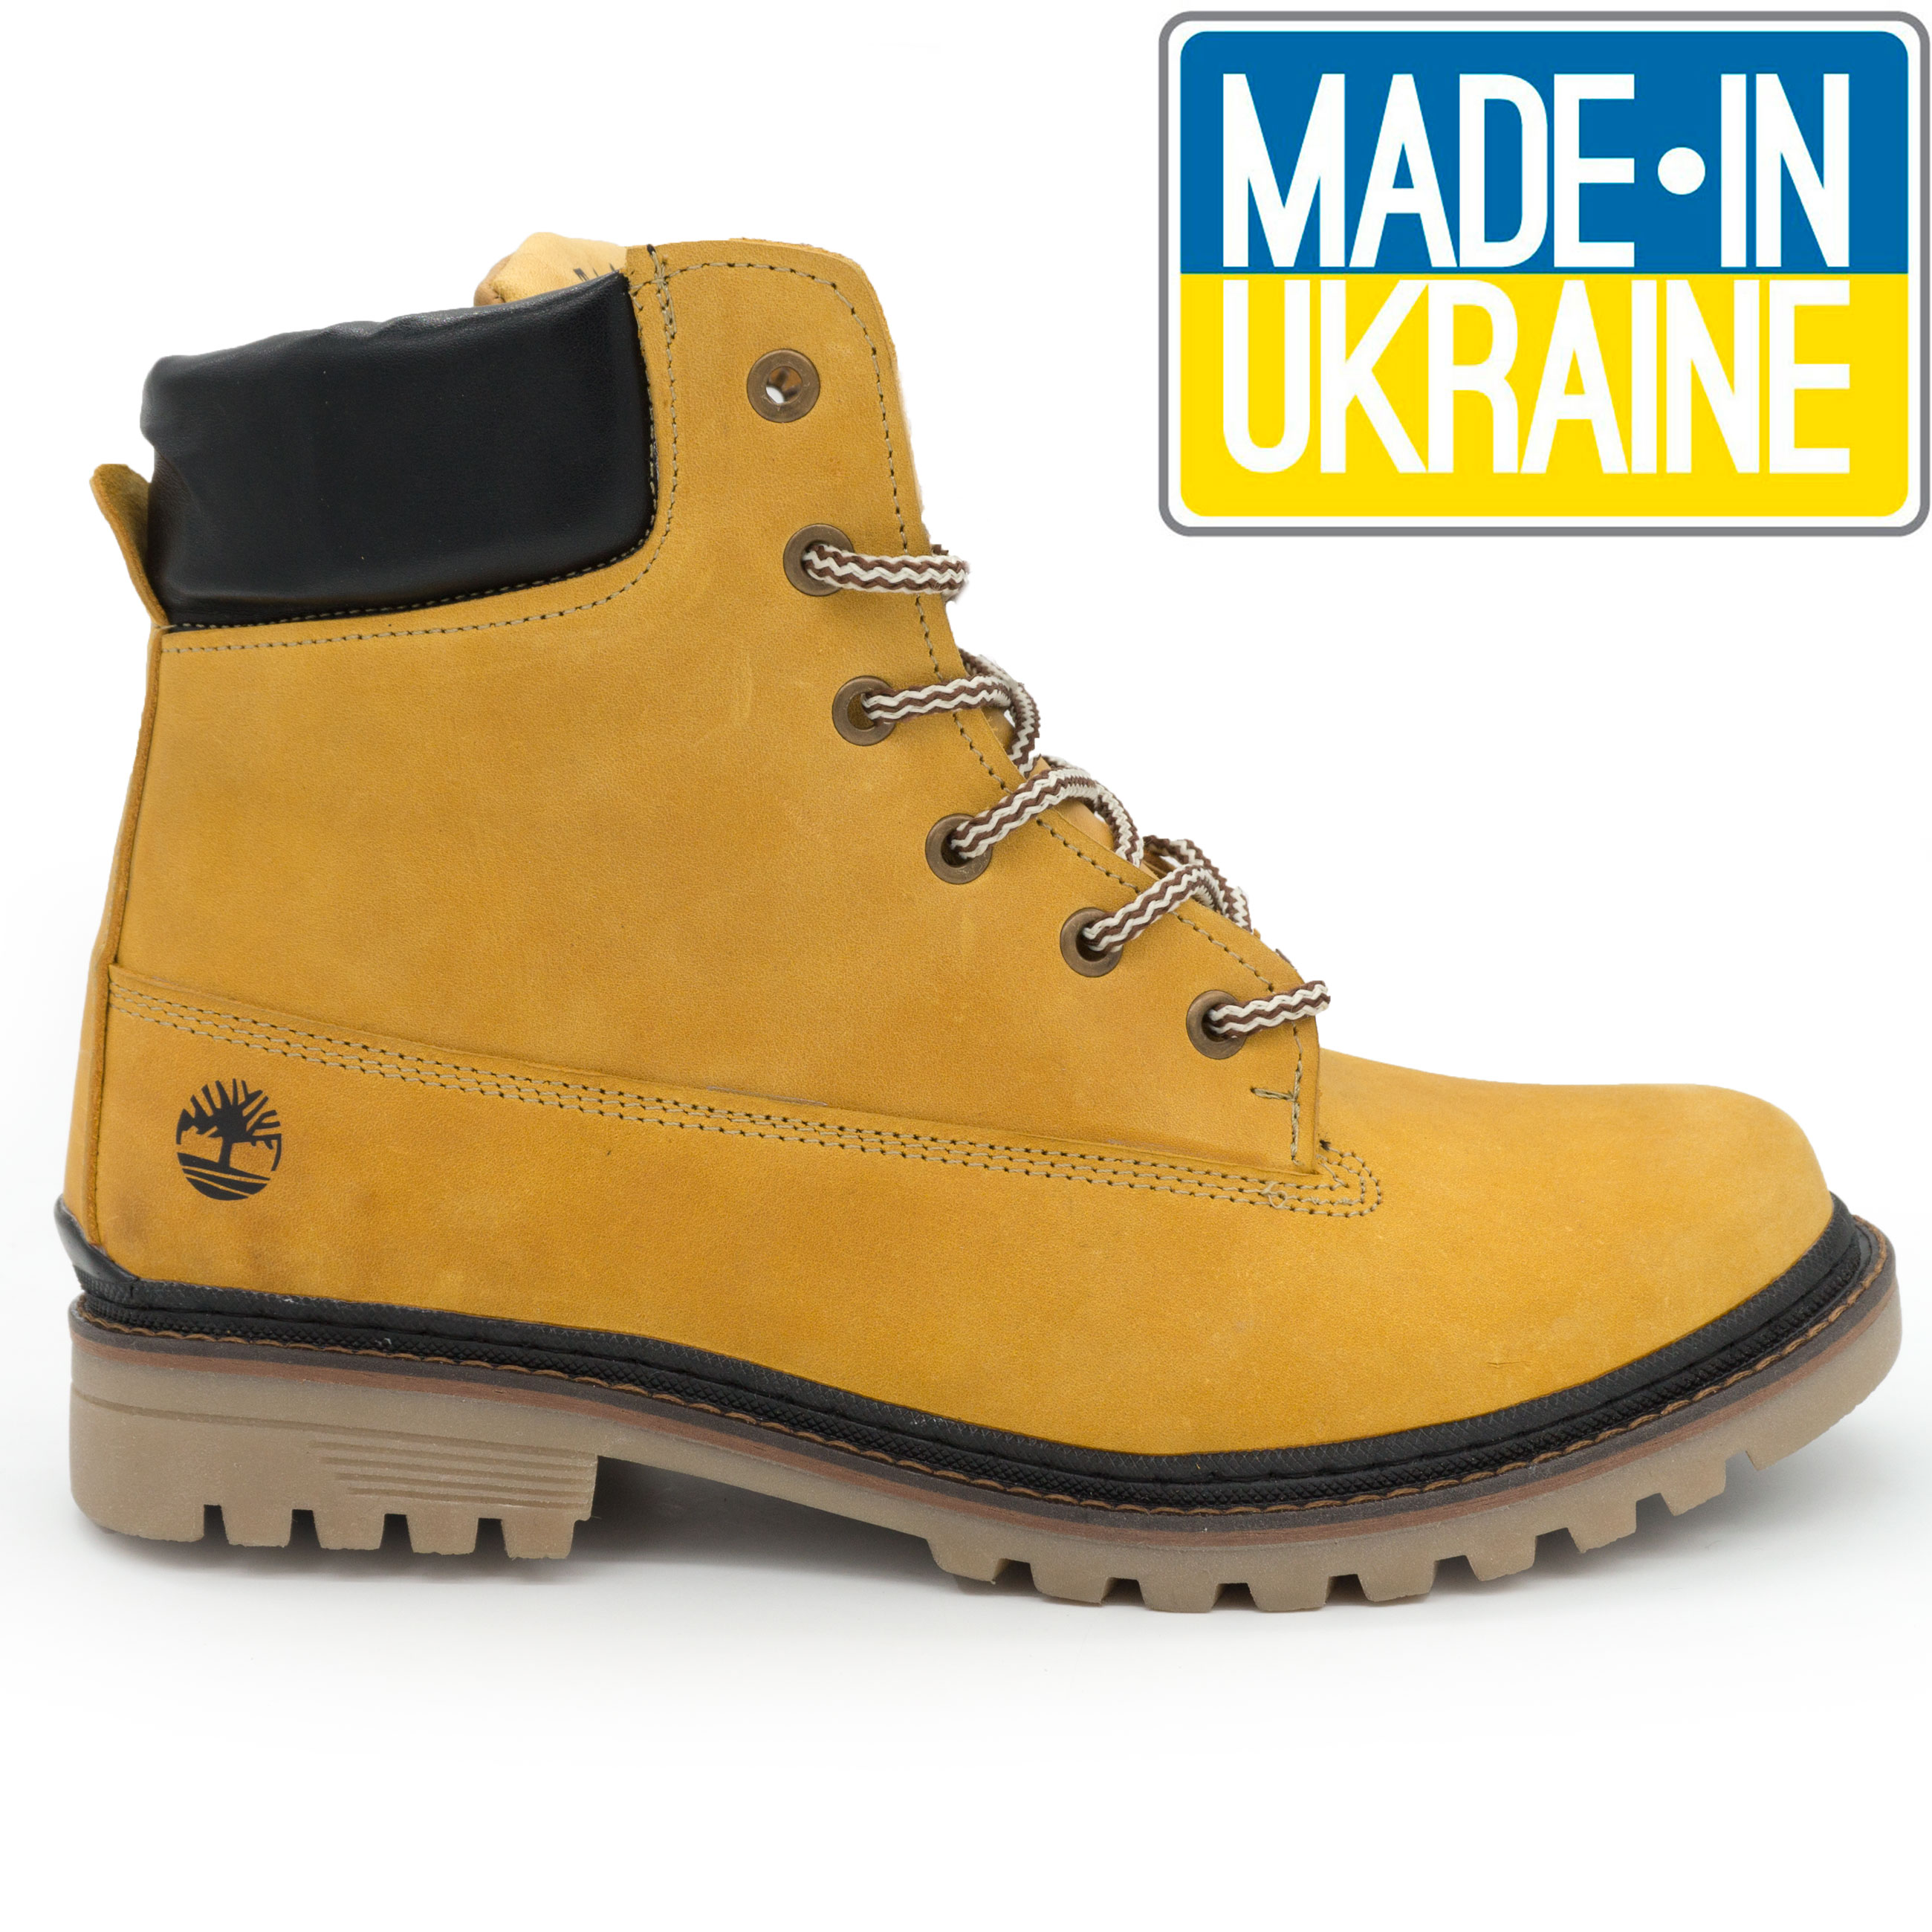 фото main Желтые мужские ботинки Реплика Timberland 103 (Тимберленд)  main